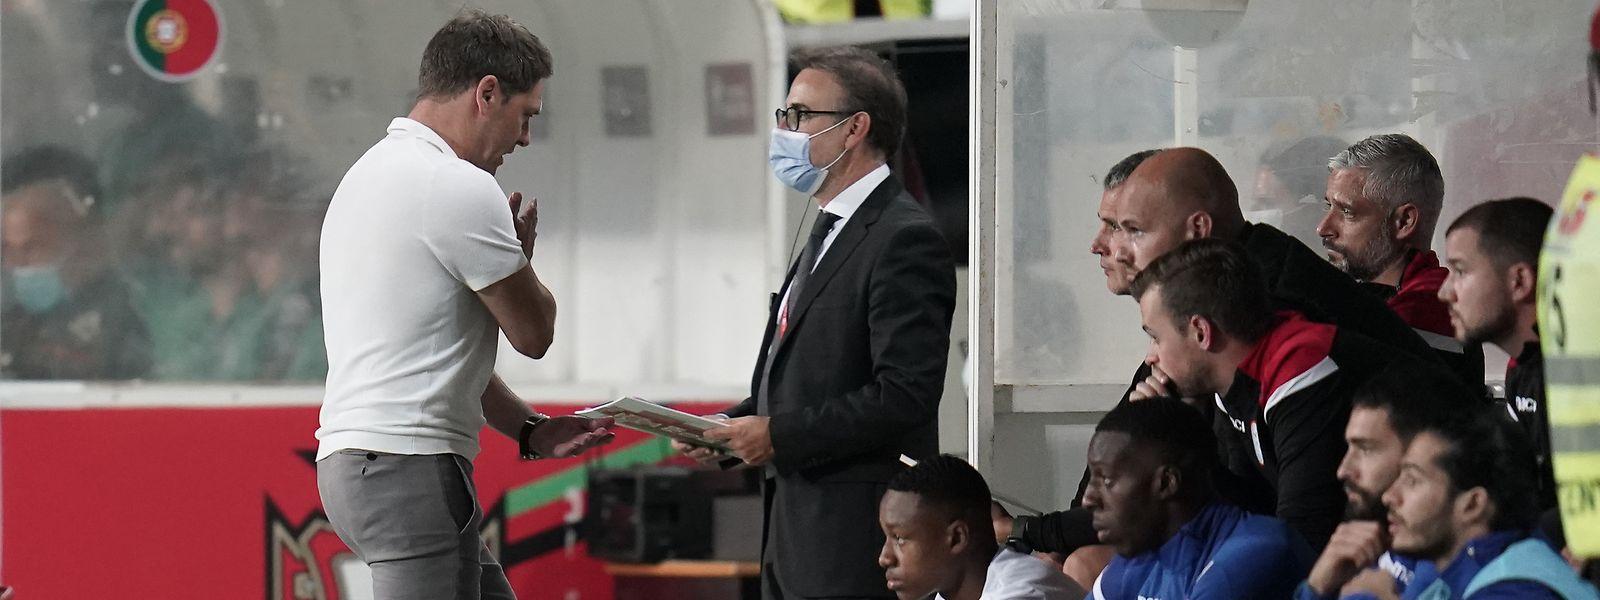 Nationaltrainer Luc Holtz (l.) ärgert sich, die Spieler auf der Bank blicken ratlos drein.